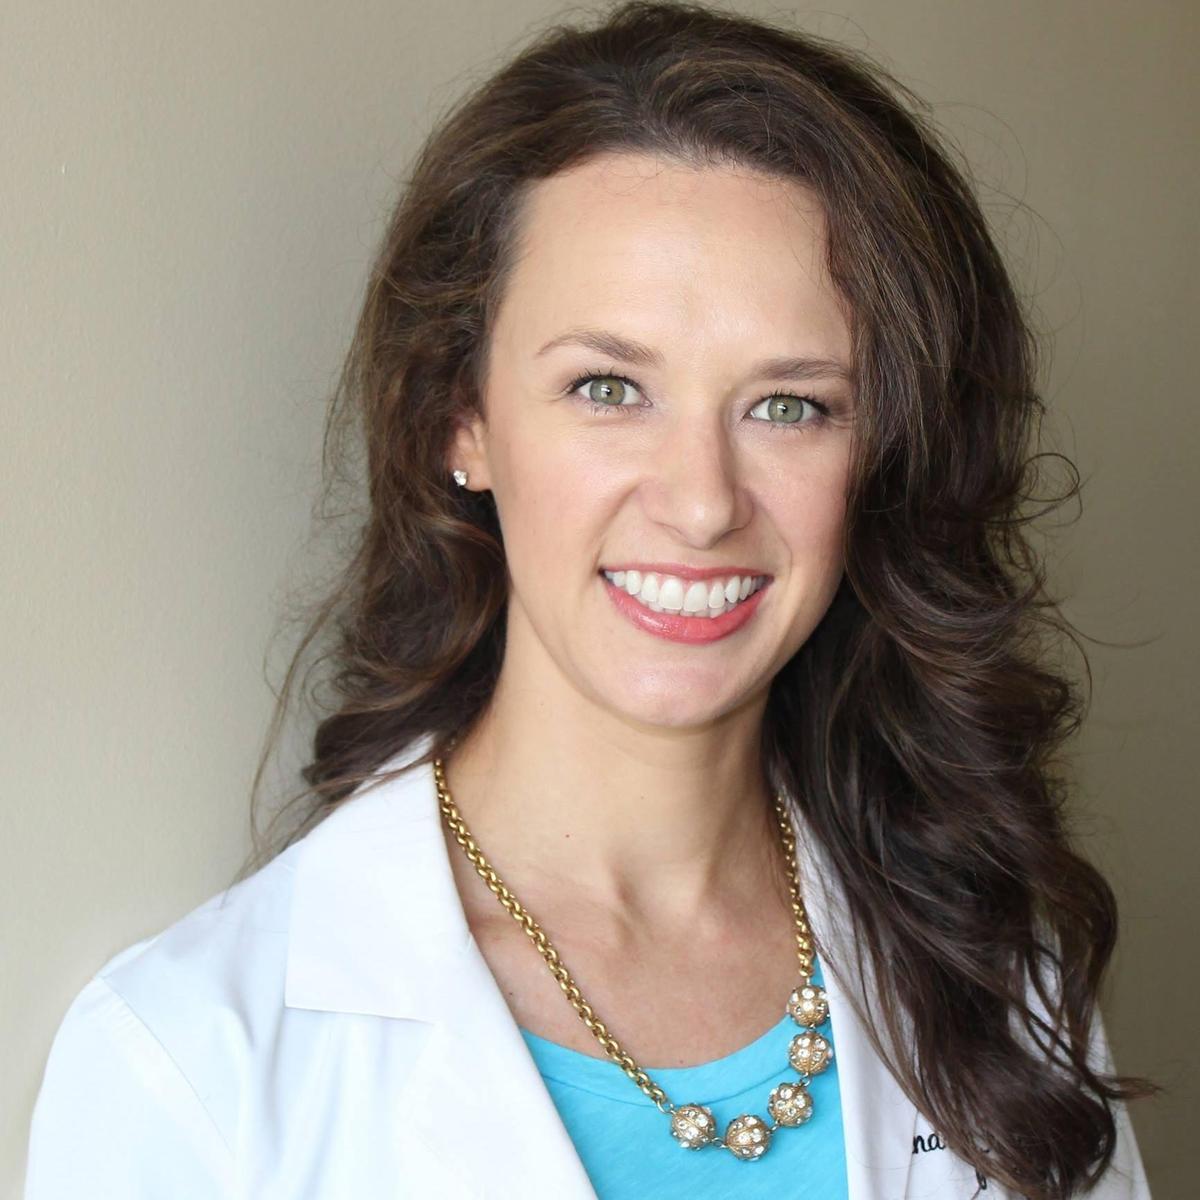 Dr. Andrea Logan